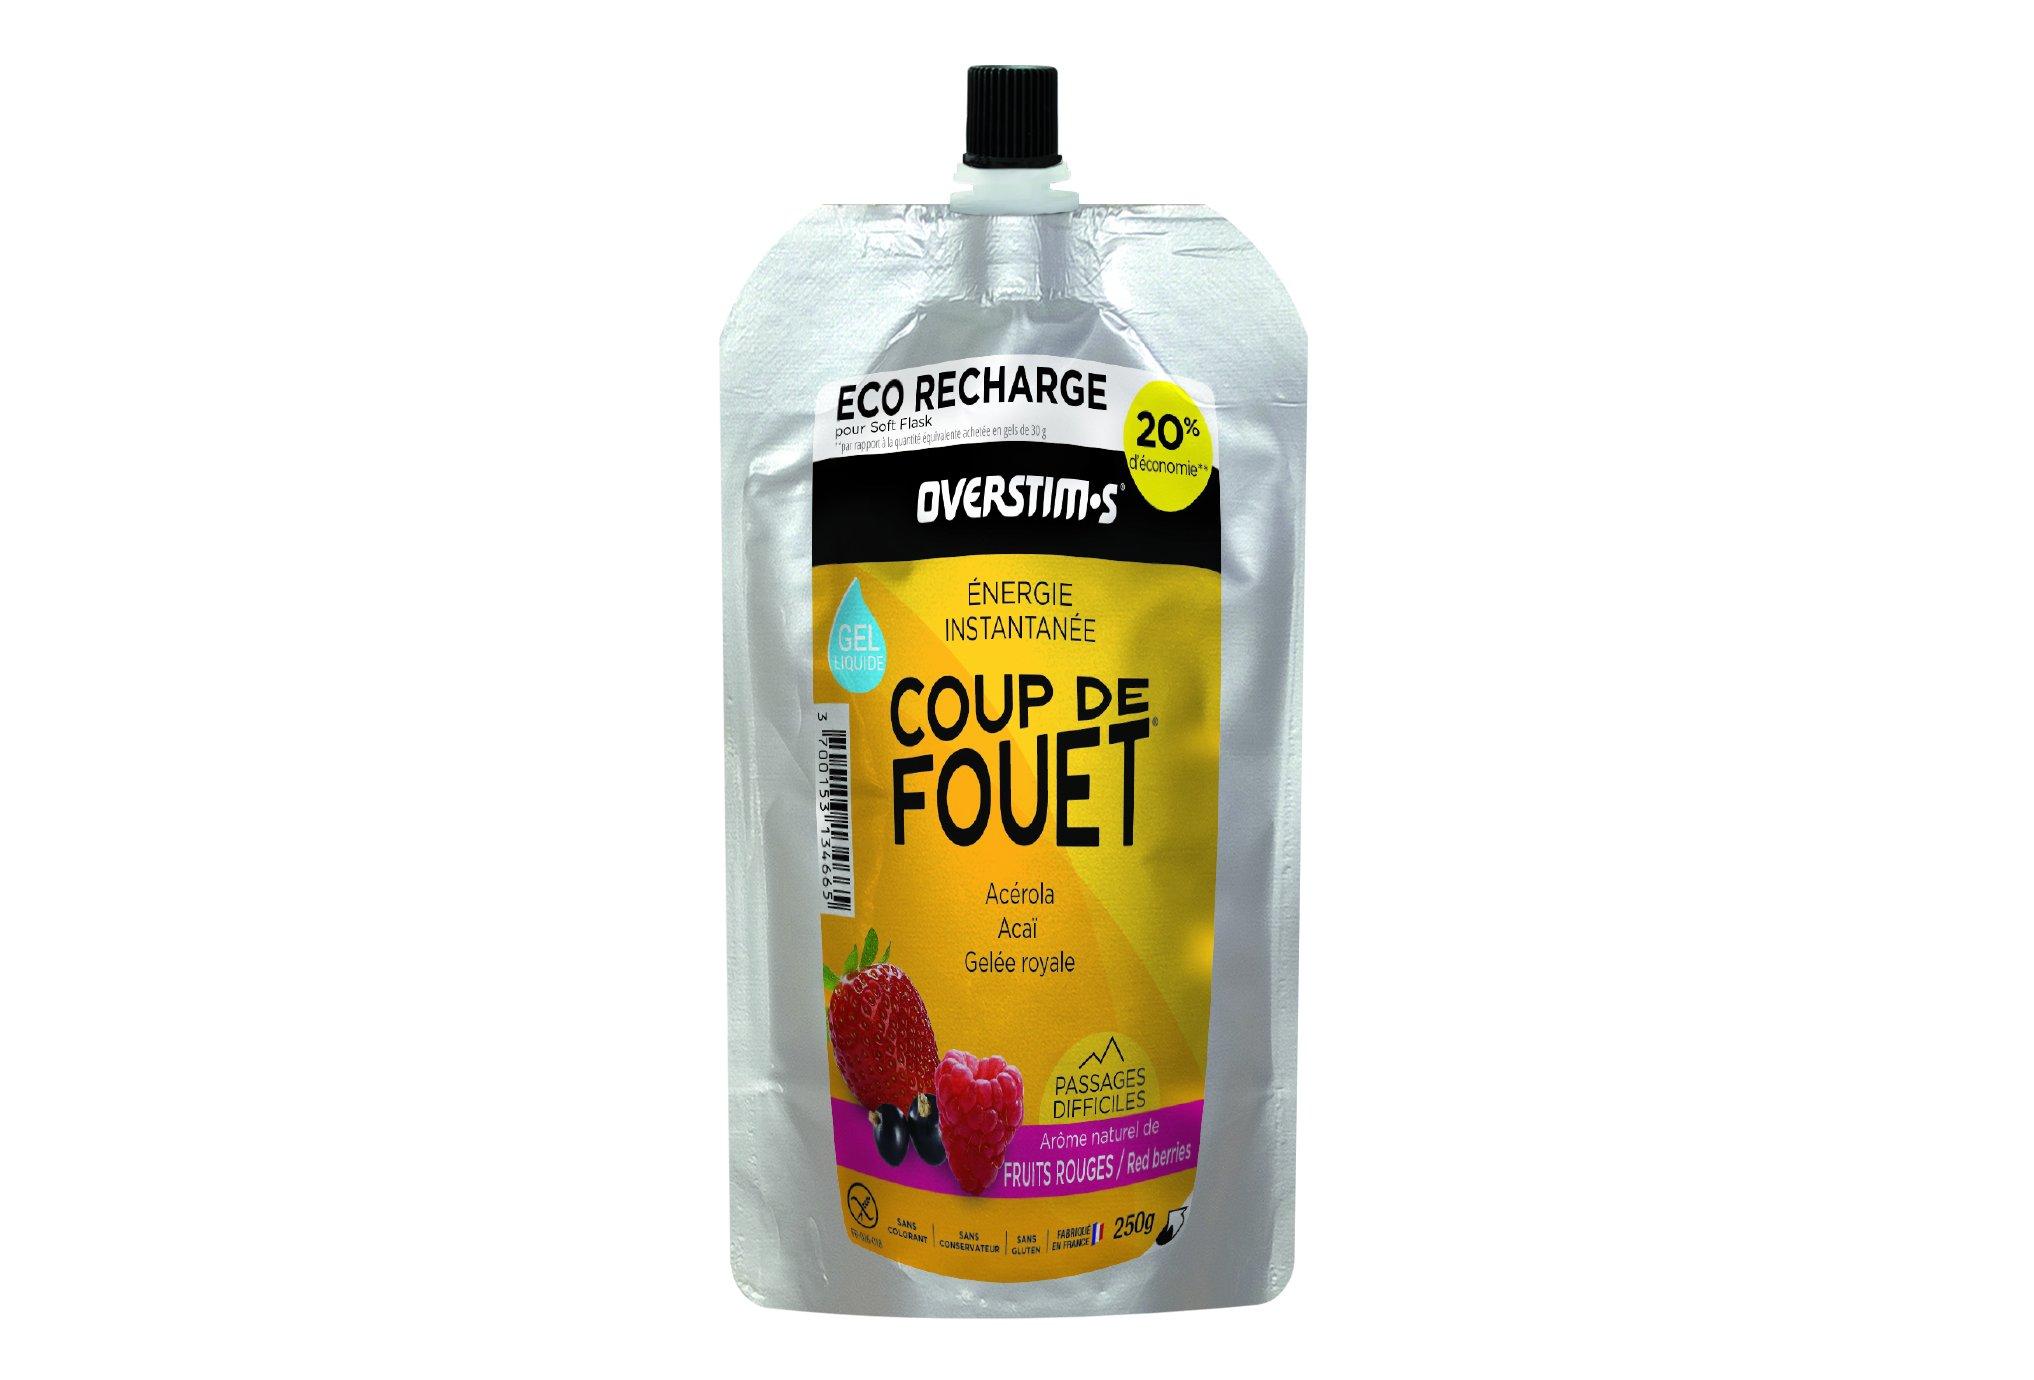 OVERSTIMS Recharge Éco Gel Énergie instantanée Coup de fouet 250 g - Fruits rouges Diététique Gels